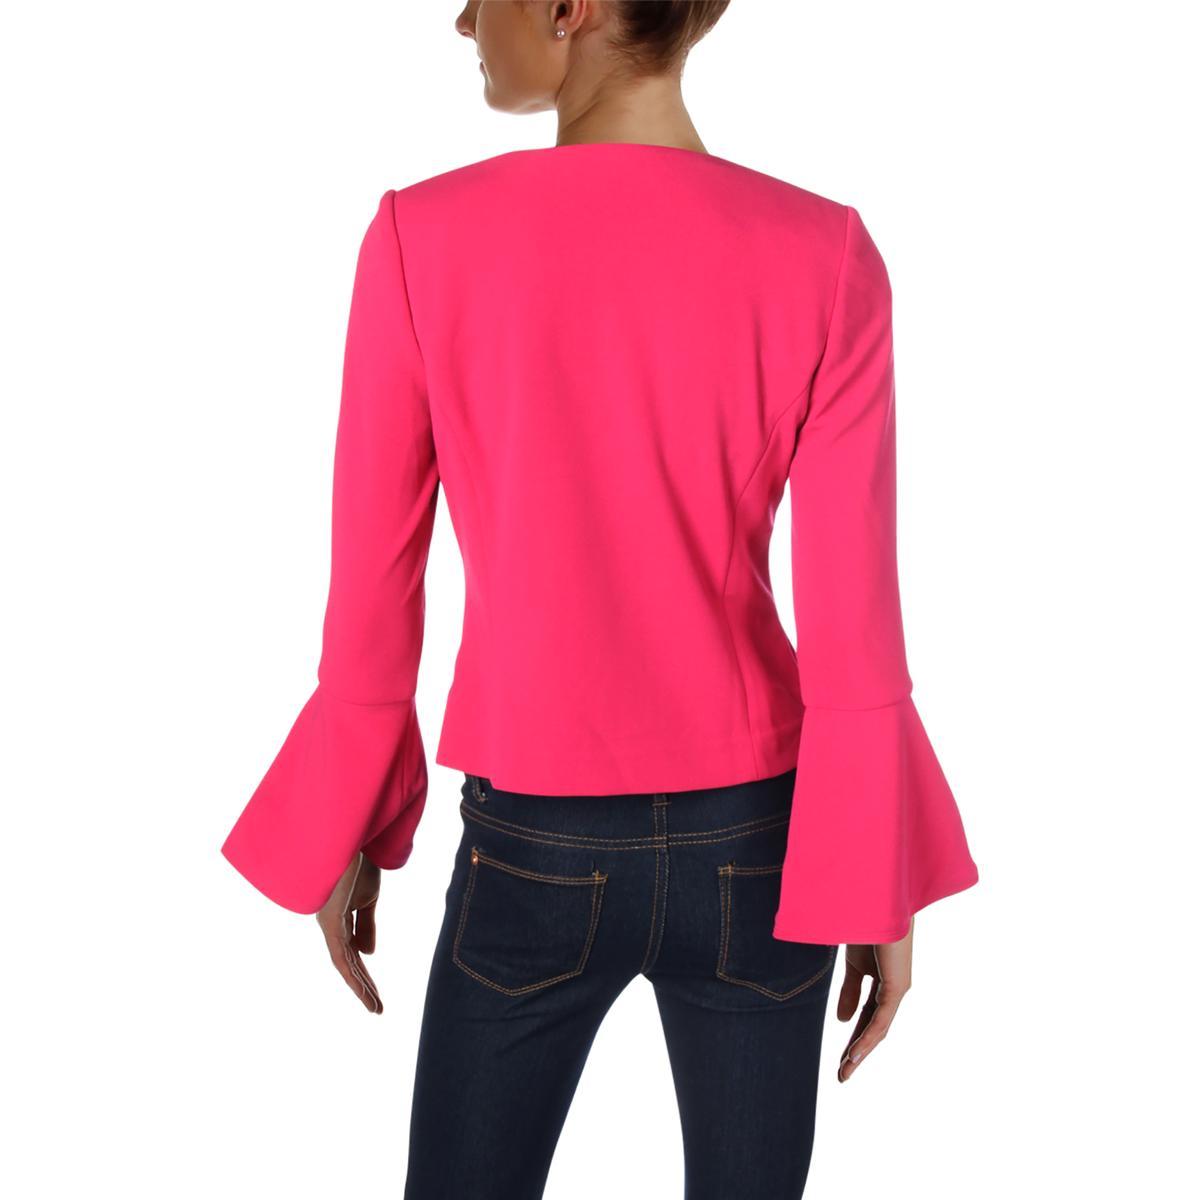 8098 à Bhfo Petites de usage femme Calvin Veste Klein vestimentaire pour manches bureau Blazer 7BWOfc4